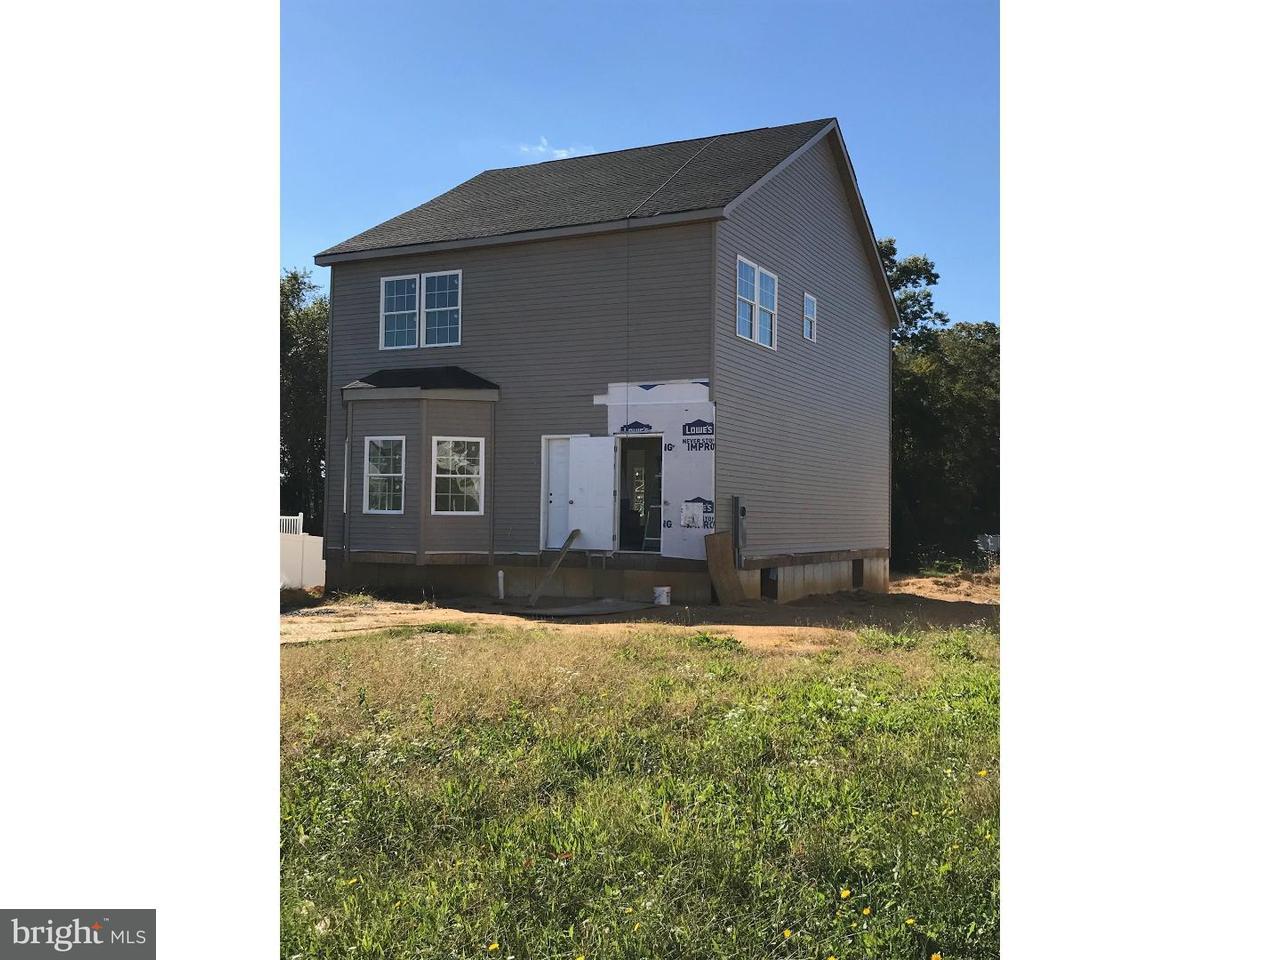 独户住宅 为 销售 在 35 GARWOOD BLVD Clayton, 新泽西州 08312 美国